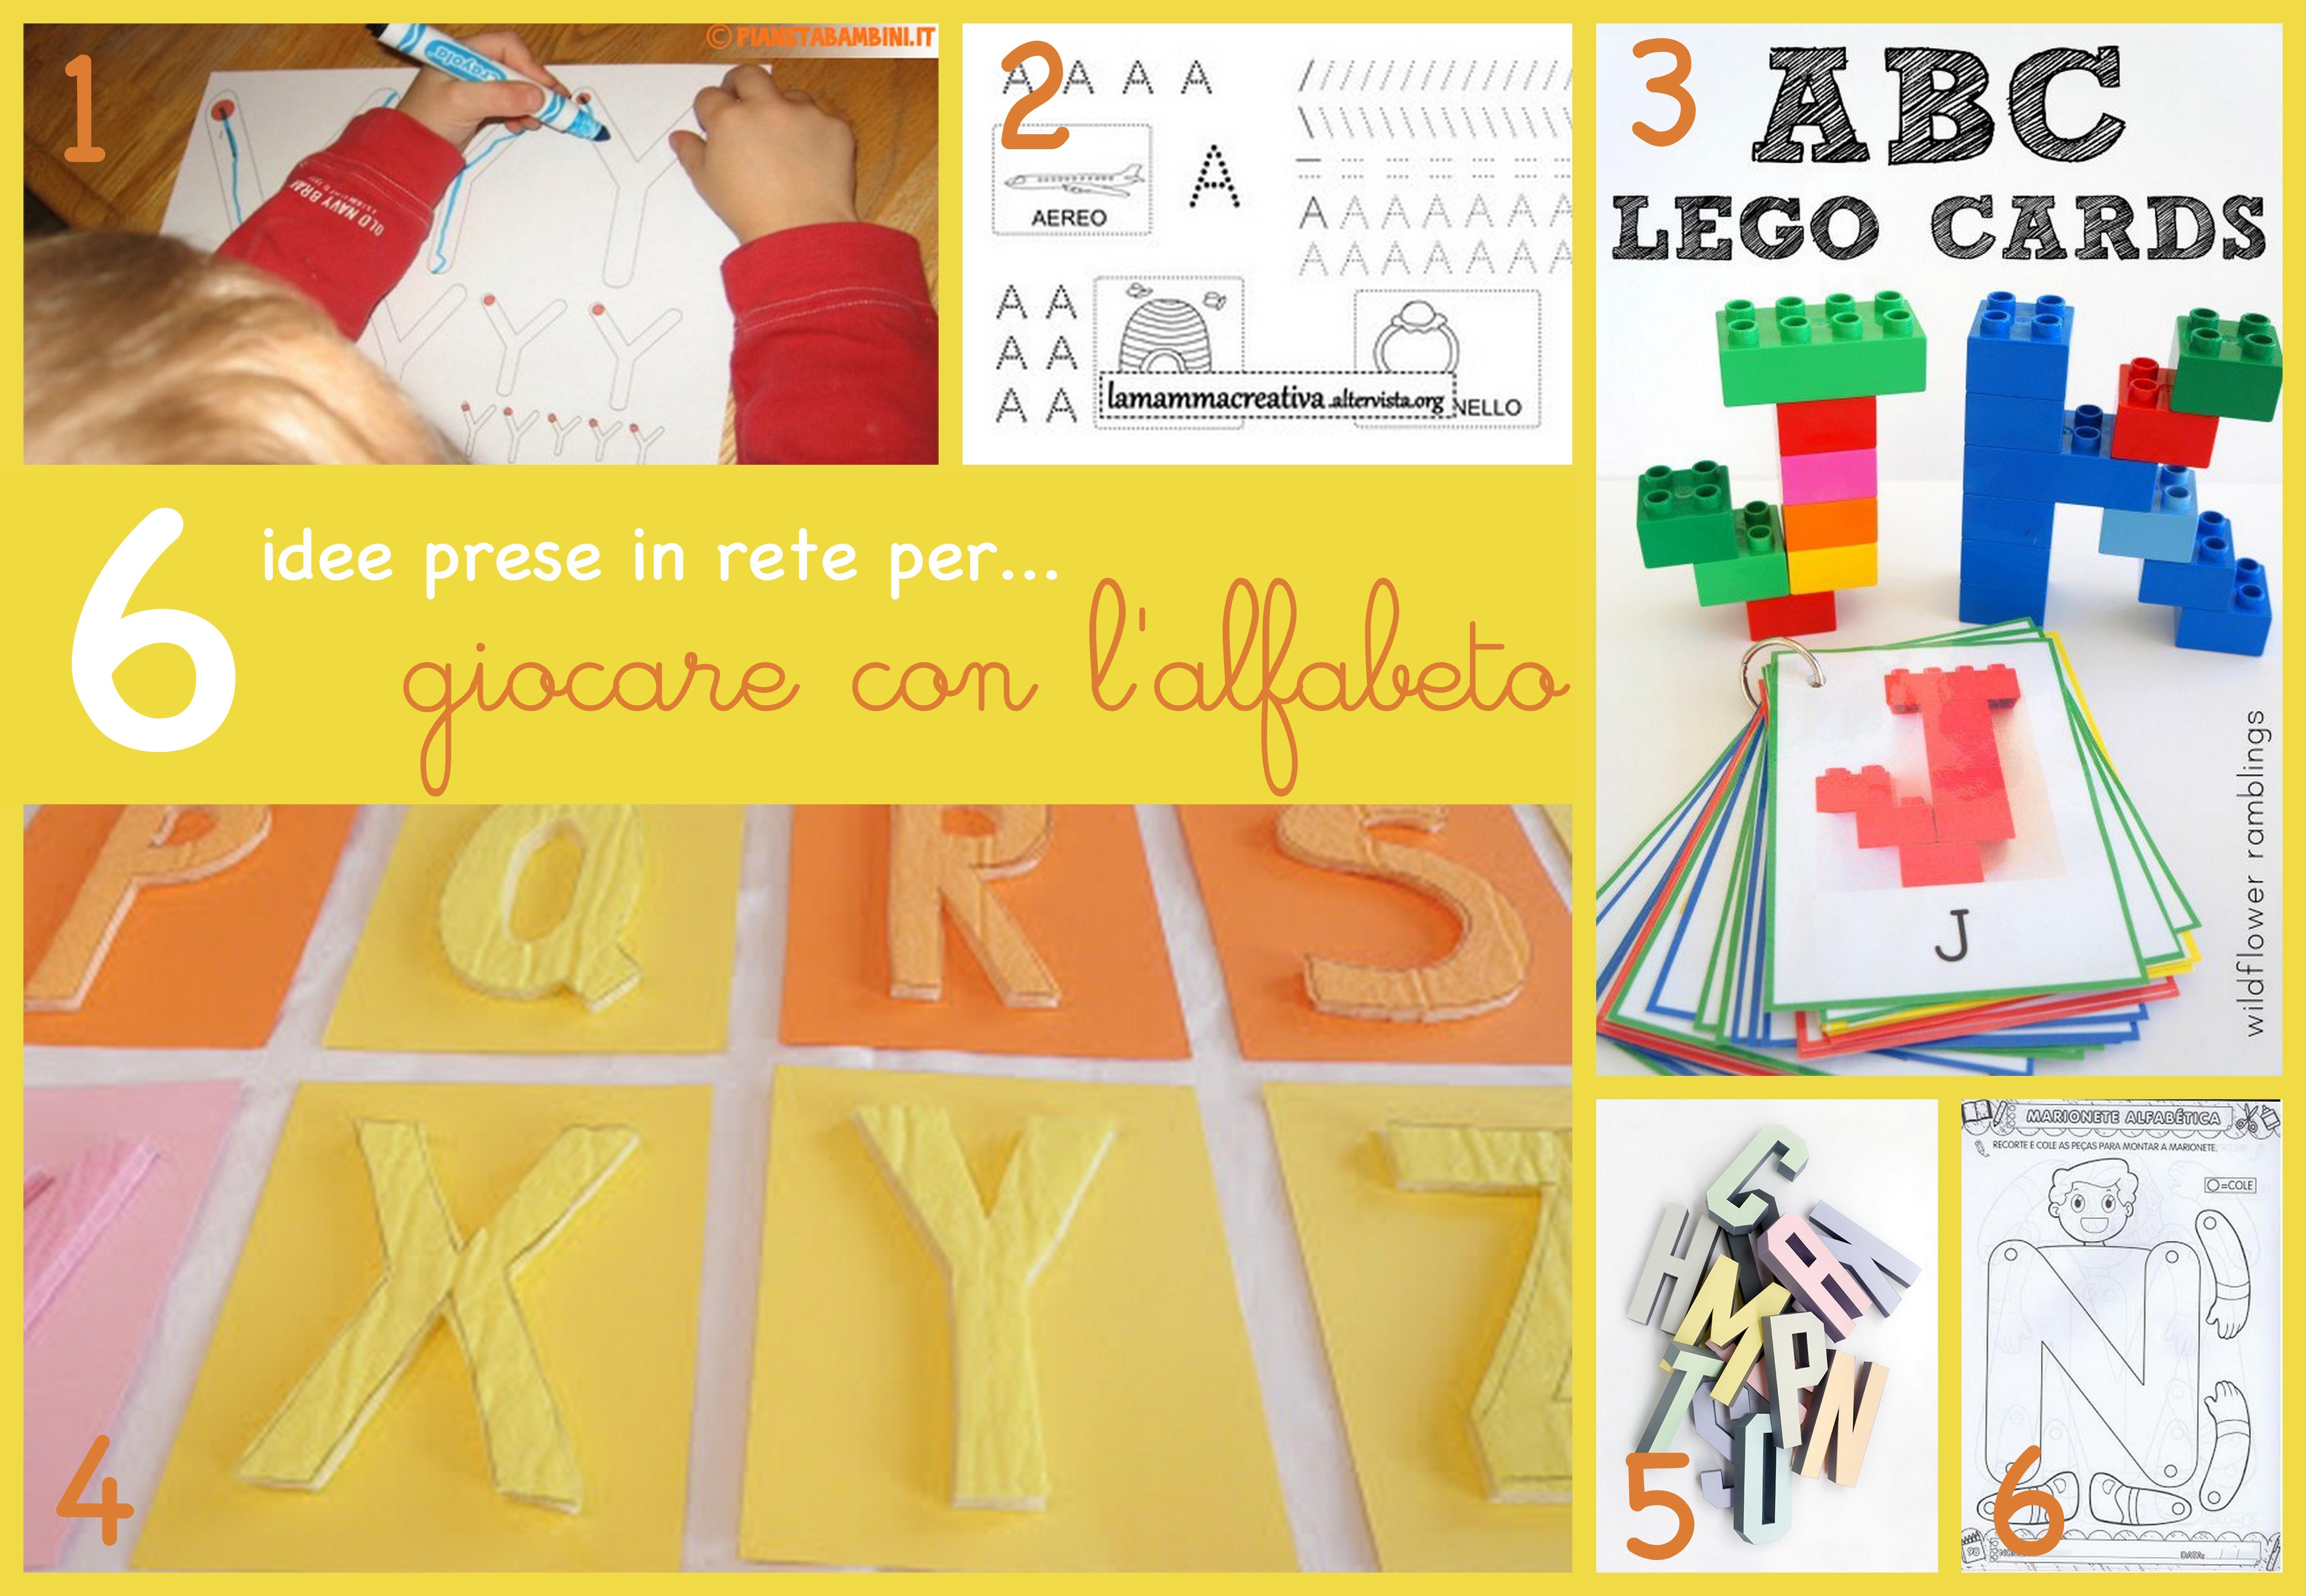 6 idee prese in rete per… giocare con l'alfabeto